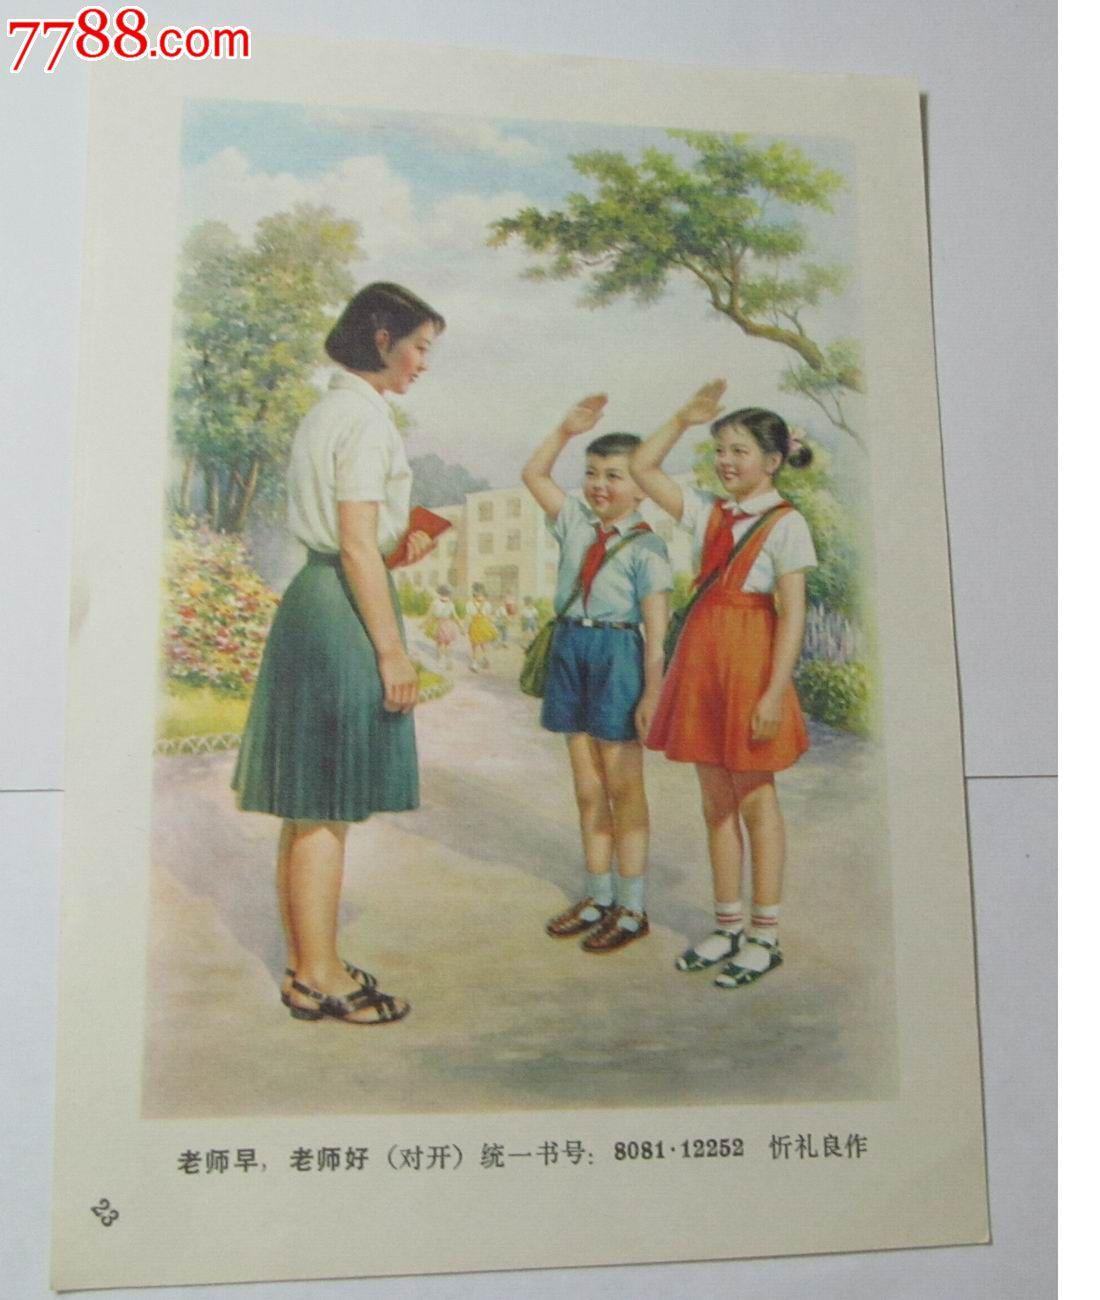 宣传画缩样画片《老师早,老师好》/背配文字说明